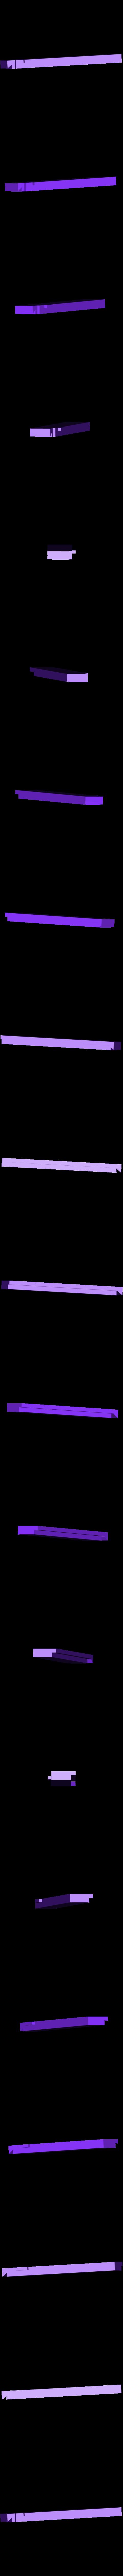 drawer slide left.stl Télécharger fichier STL gratuit Hogwarts School of Witchcraft • Plan à imprimer en 3D, Valient